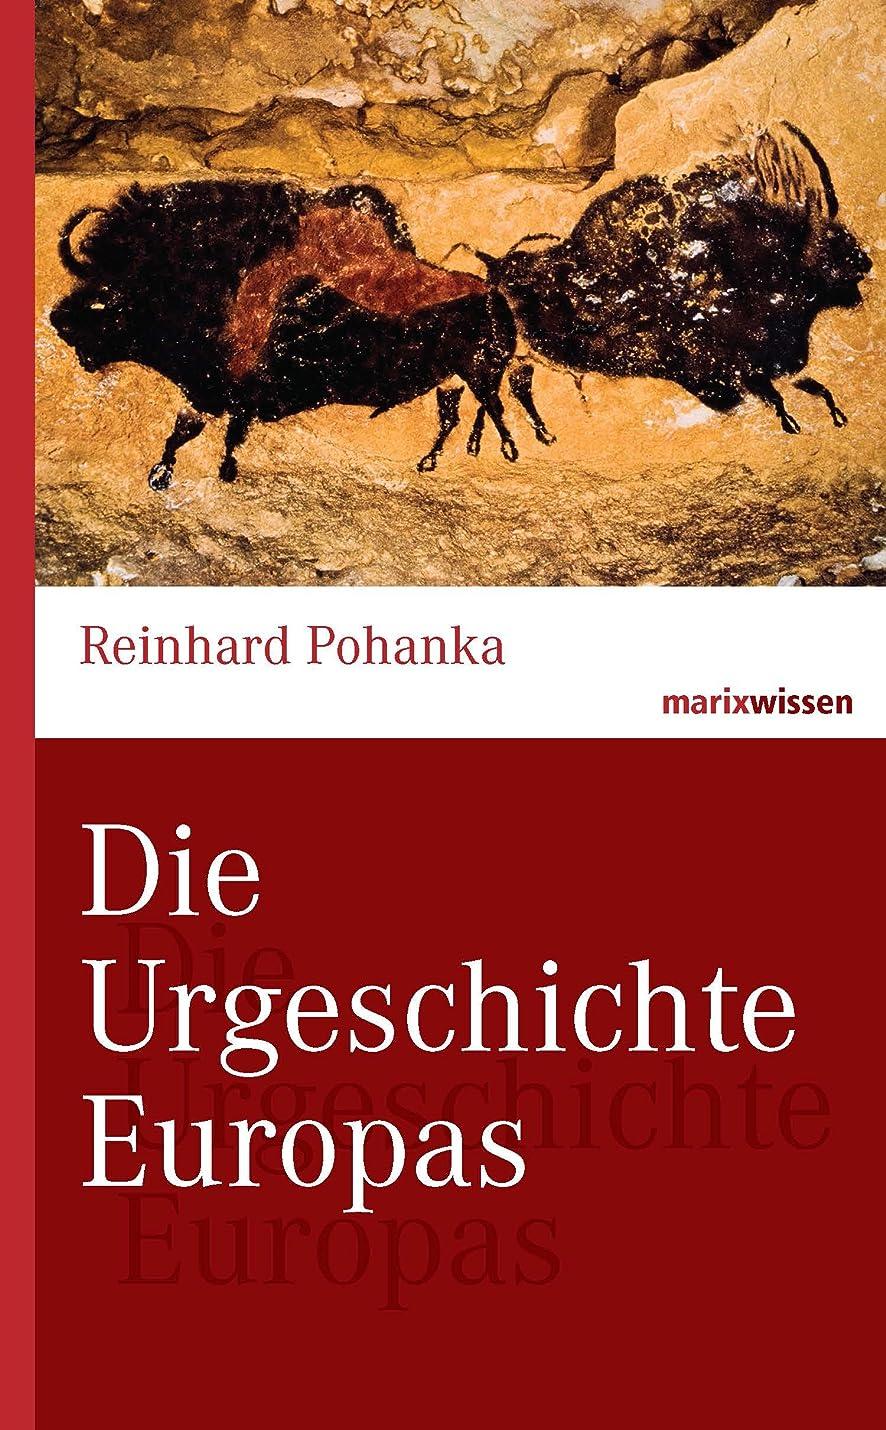 独占内向きブレーキDie Urgeschichte Europas (marixwissen) (German Edition)